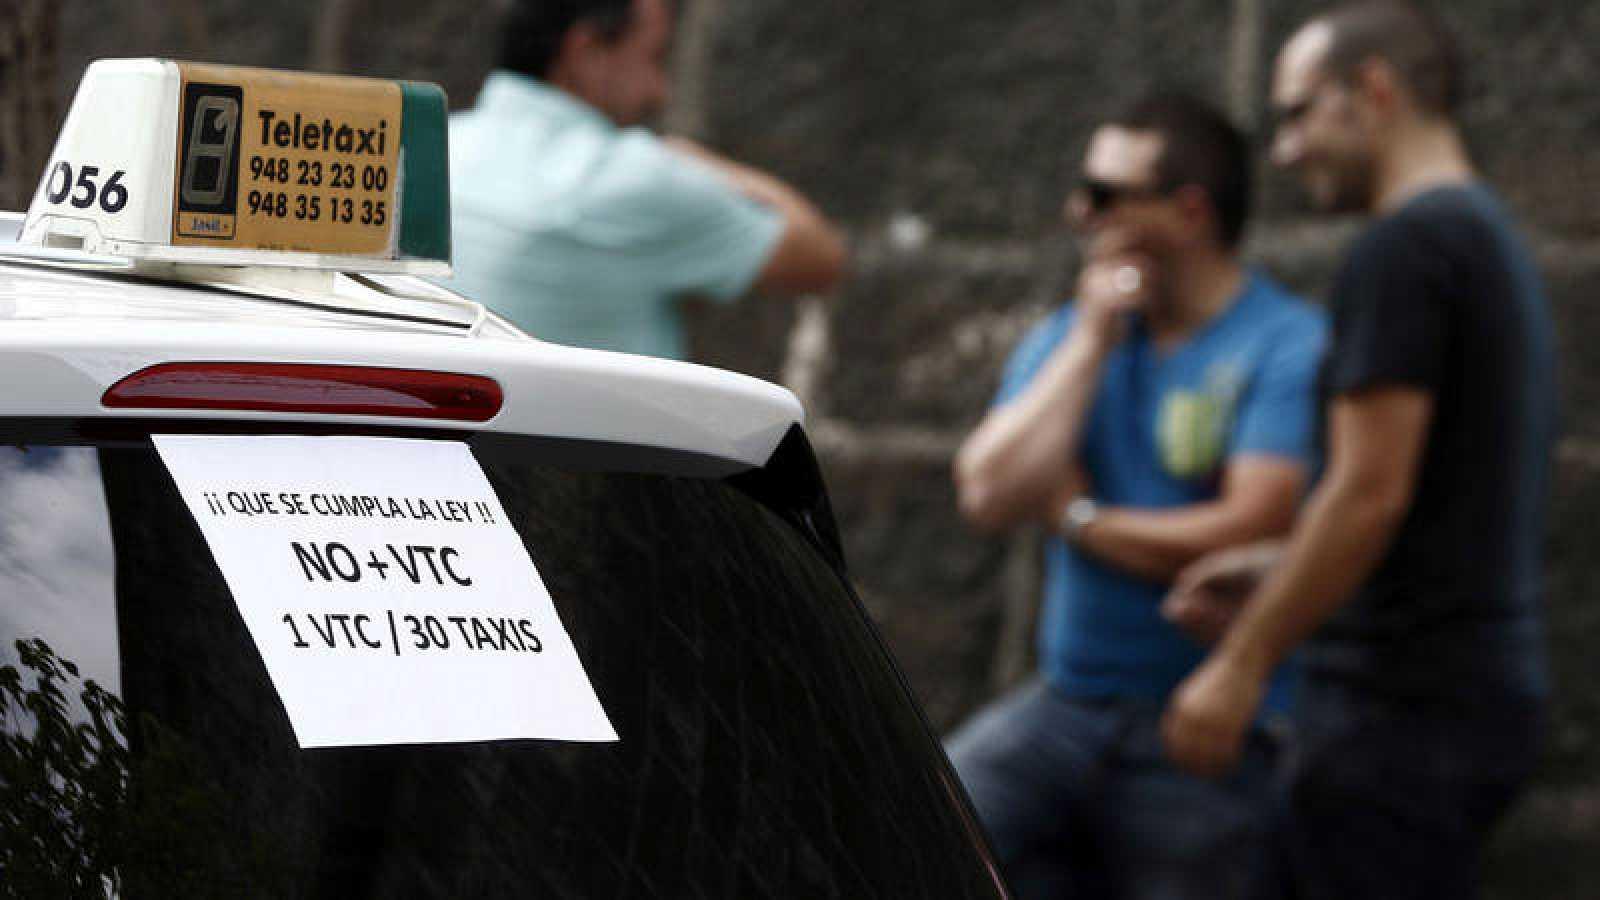 La Justicia de la Unión Europea intercede en la disputa entre Uber y Taxis en España